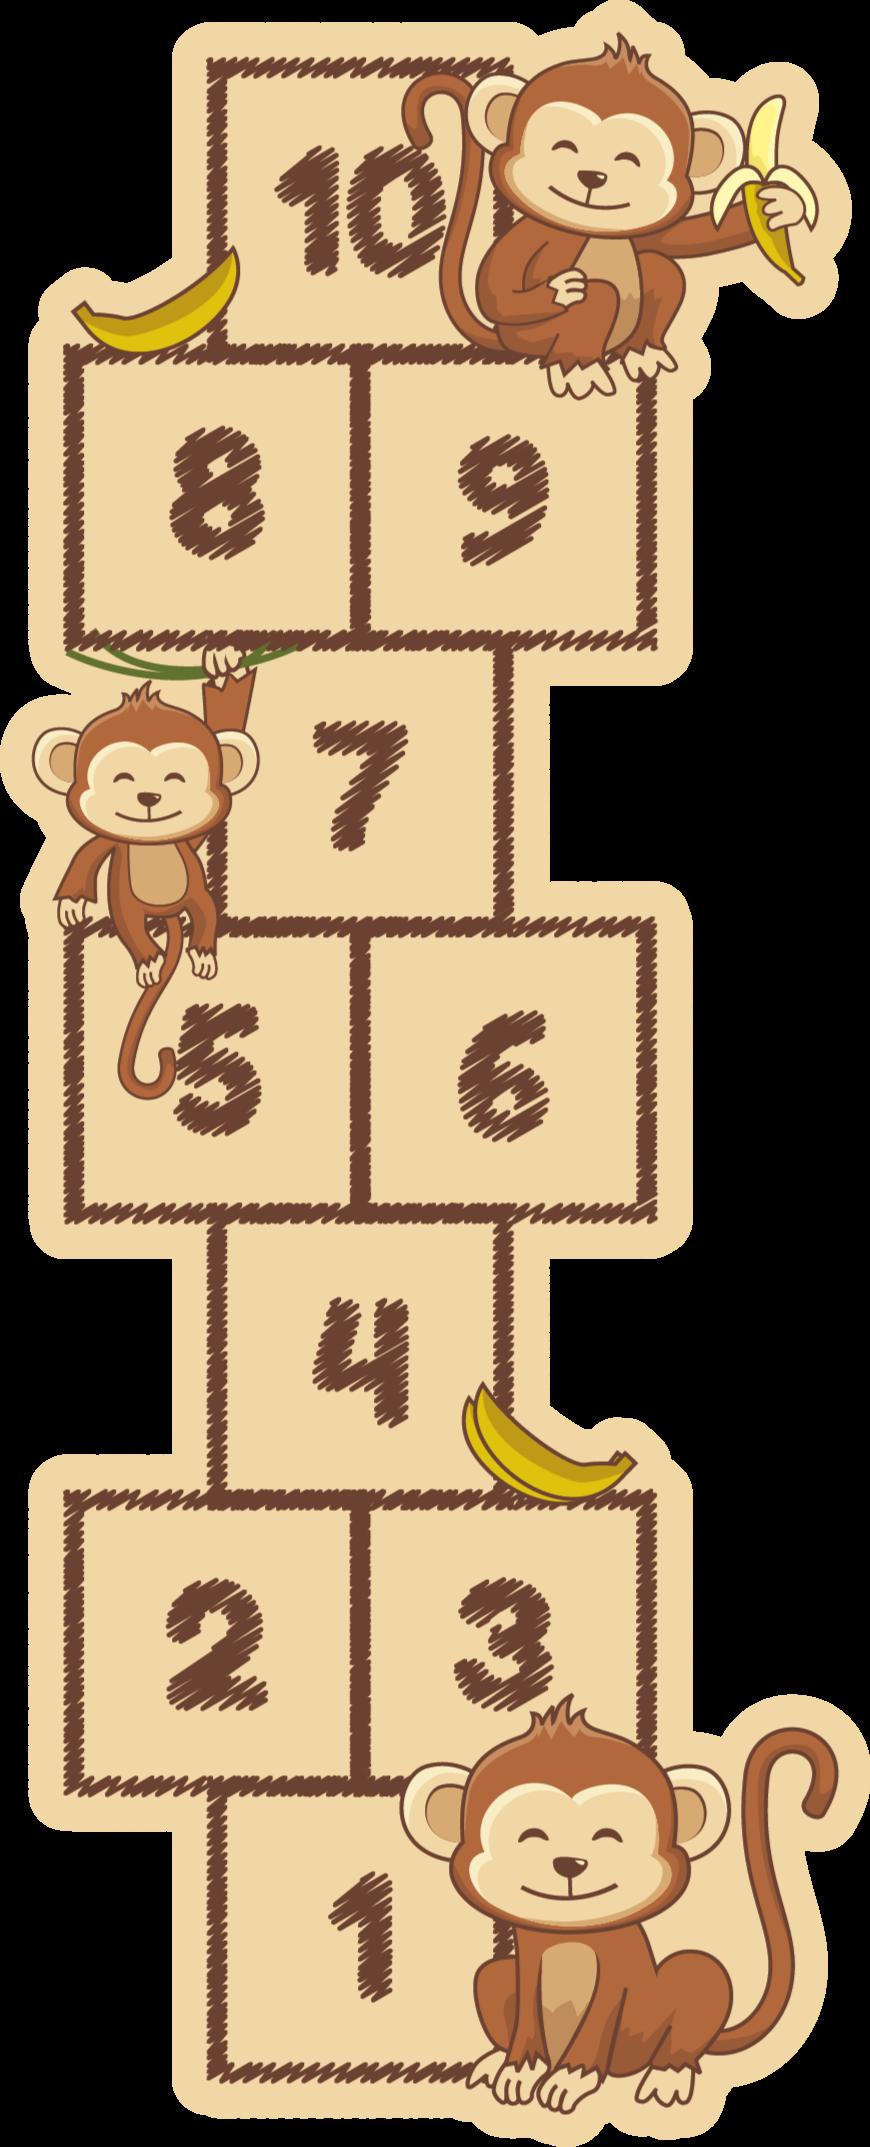 TenStickers. Covoare cu covor de maimuță. Covor de vinil pentru copii cu imprimeuri de număr de jocuri care înfățișează o coadă. Acest covor de vinil pentru copii, ar fi un spațiu interesant pentru copilul tău.